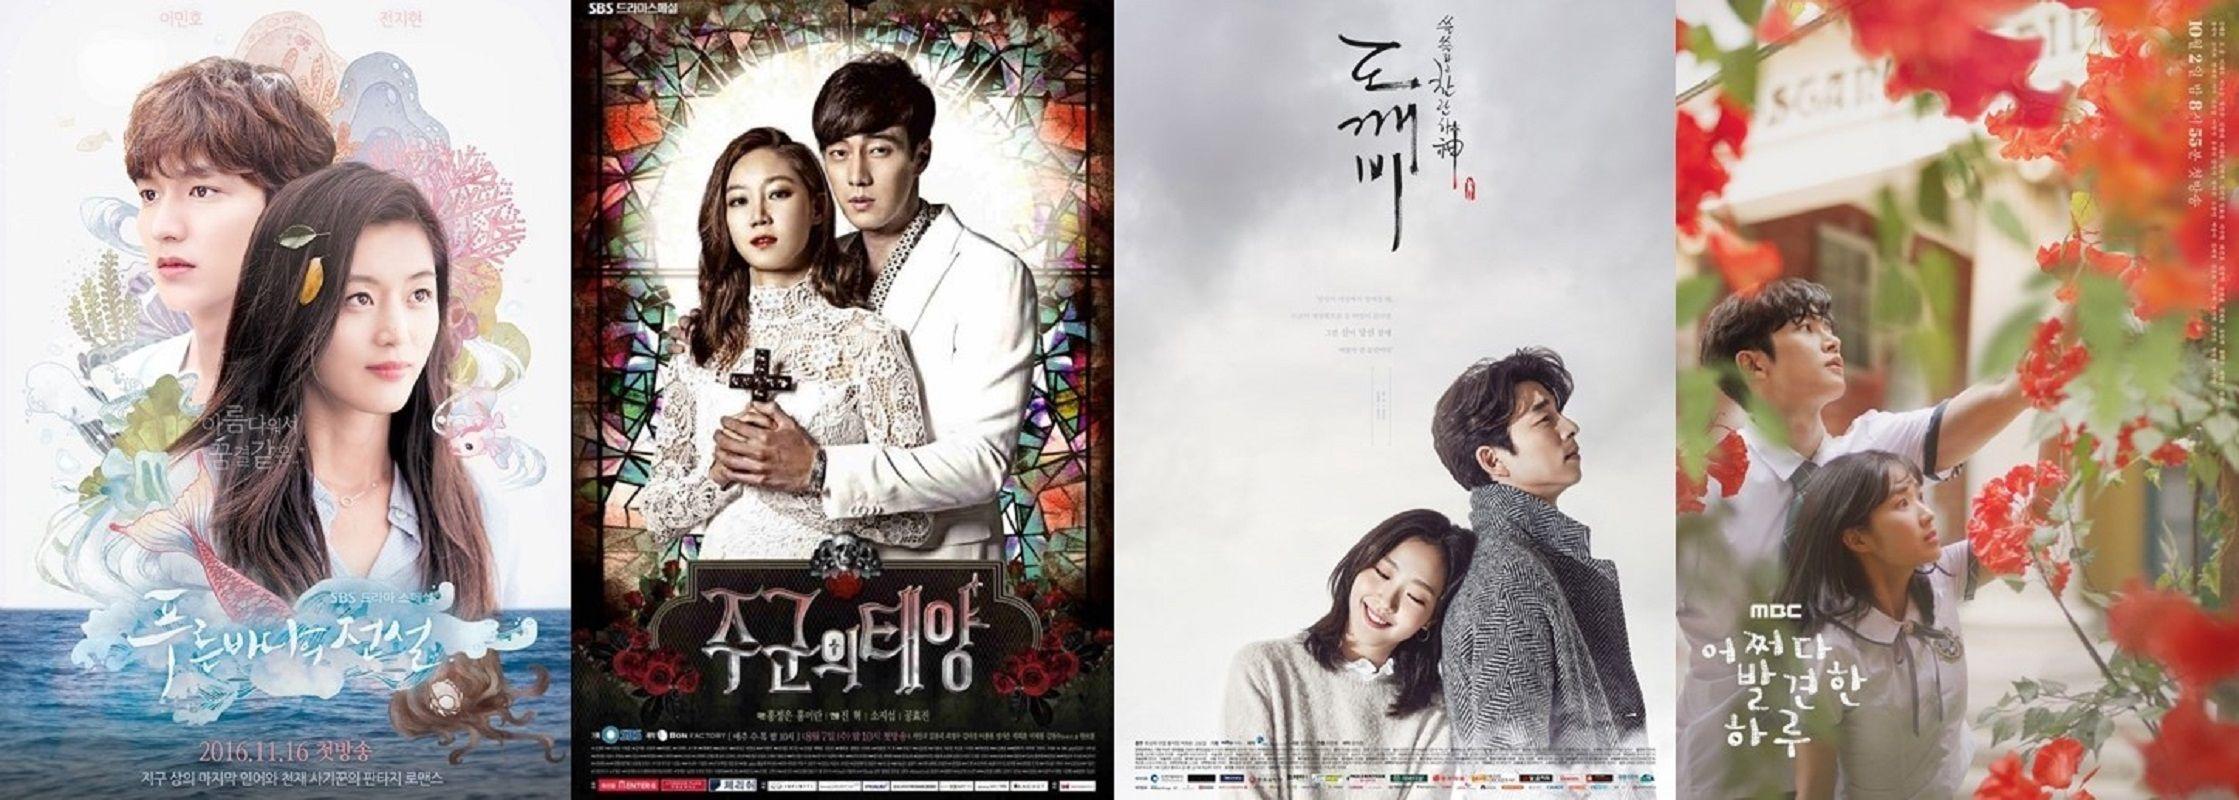 مسلسلات كورية رومانسية وخيالية أنعش ع زلتك بنكهة من عالم الفانتازيا Book Cover Blog Romantic